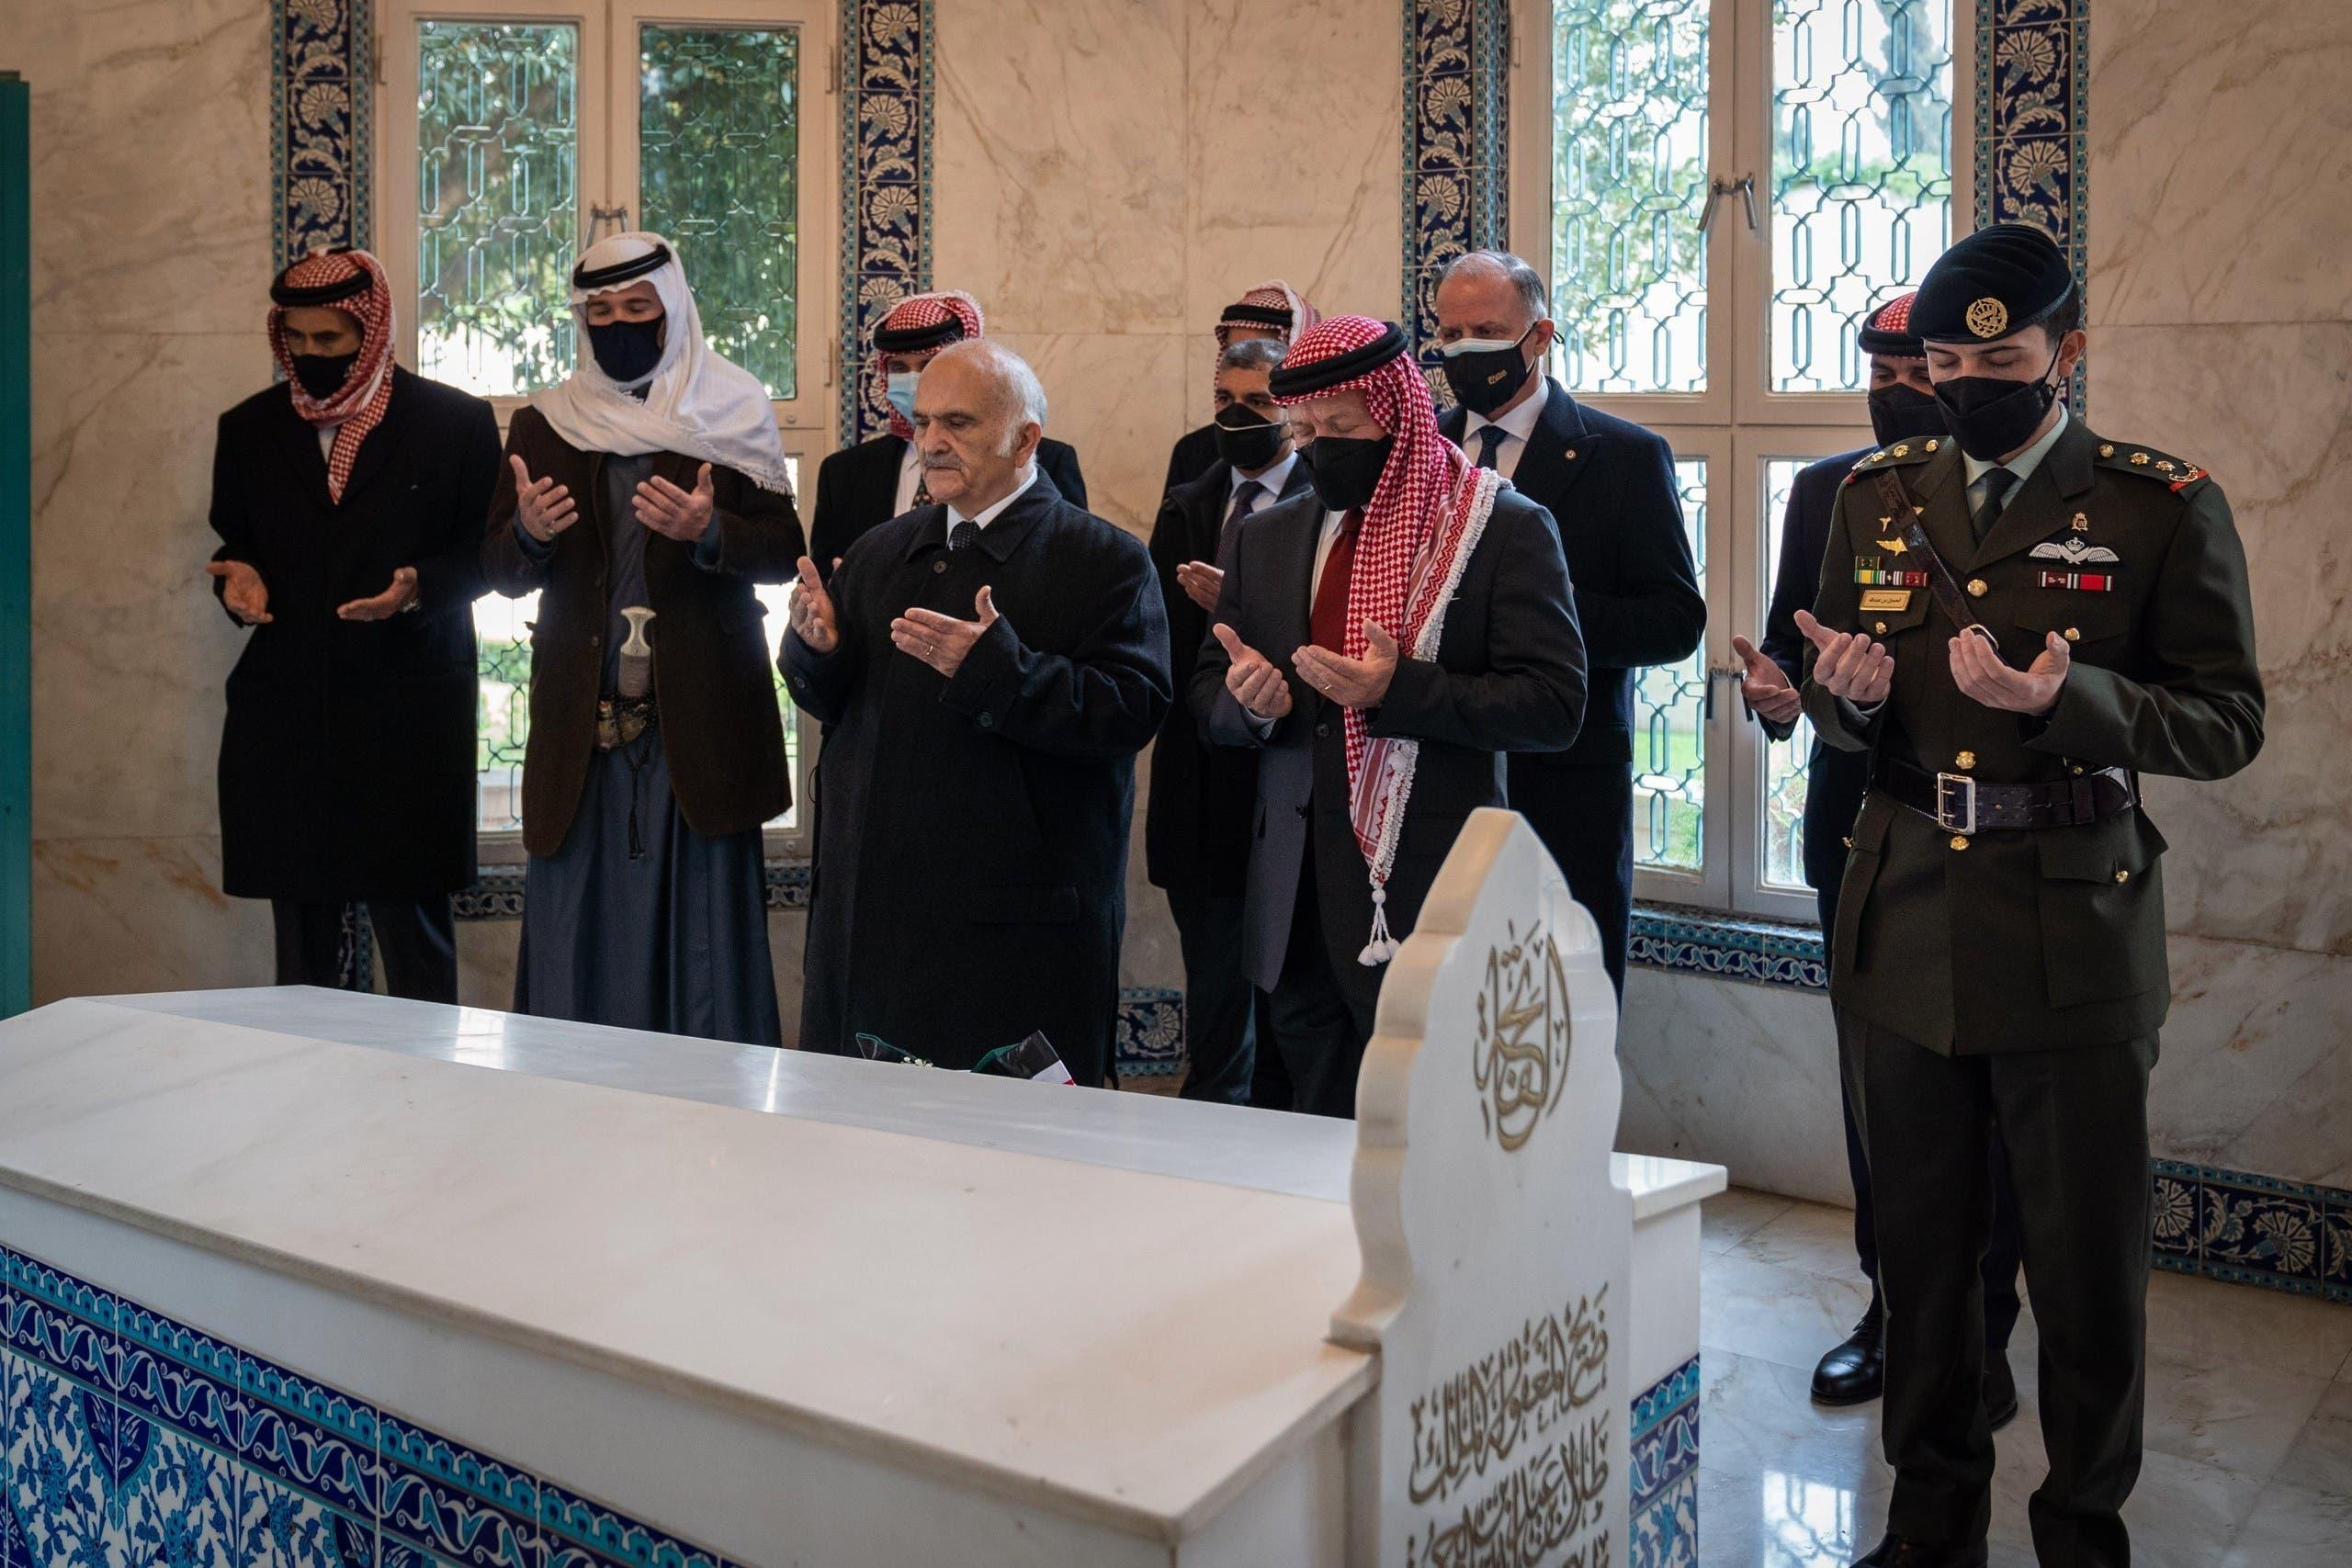 شہزادہ حمزہ بن الحسین اردن کے فرماں روا شاہ عبداللہ دوم کے ساتھ